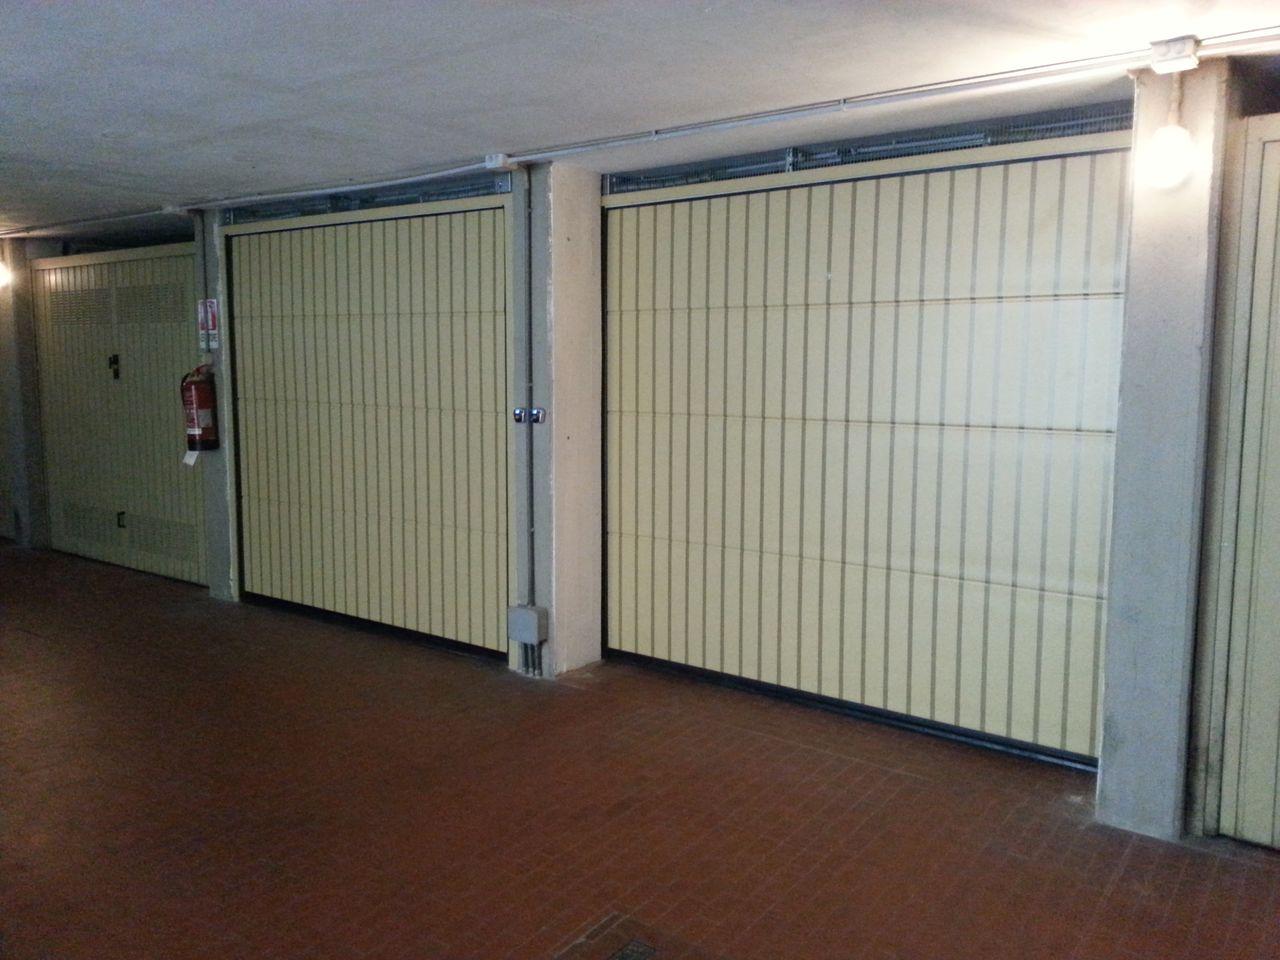 Porte sezionali mimetiche De Biasi Mantova, Modena, Reggio Emilia, Verona